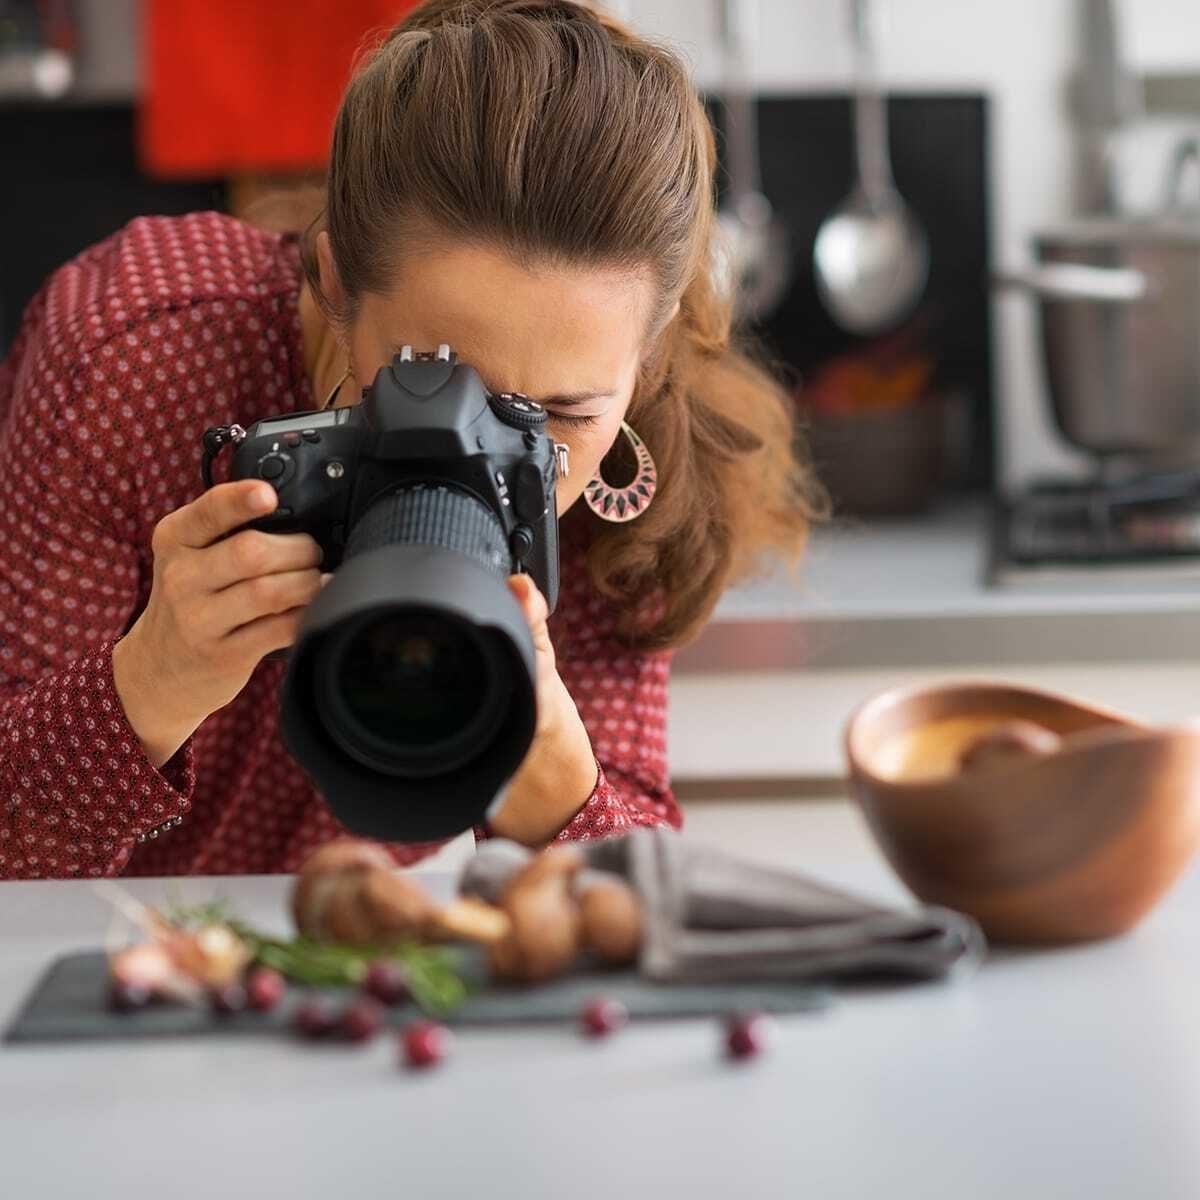 stylink, vergütungs-plattform, influencer, geld verdienen instagram, fototipps, foodblogger, influencer